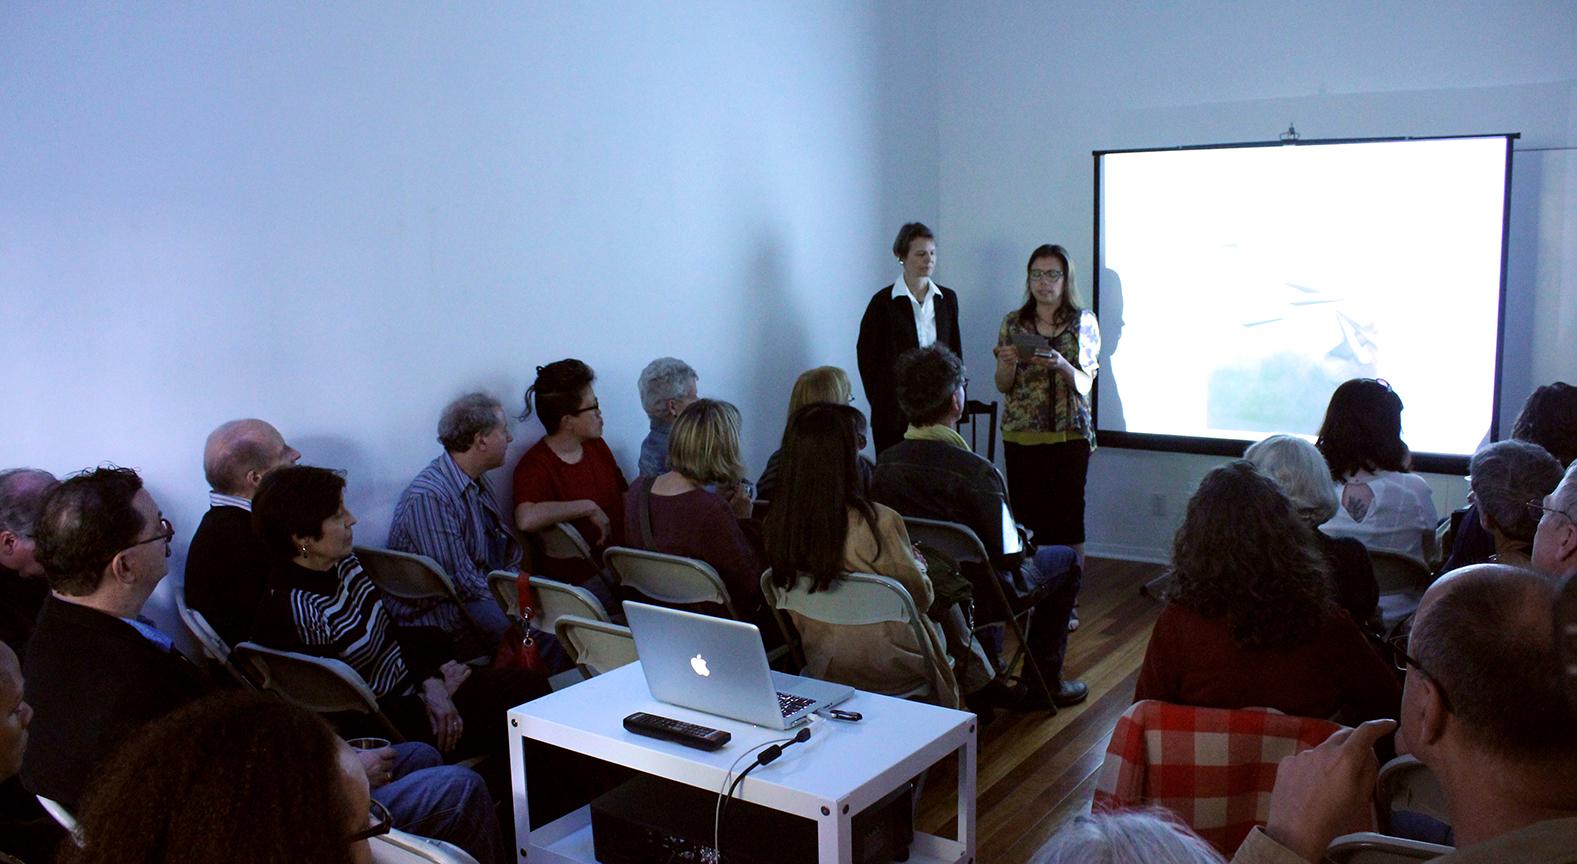 presentationshotsmall.jpg